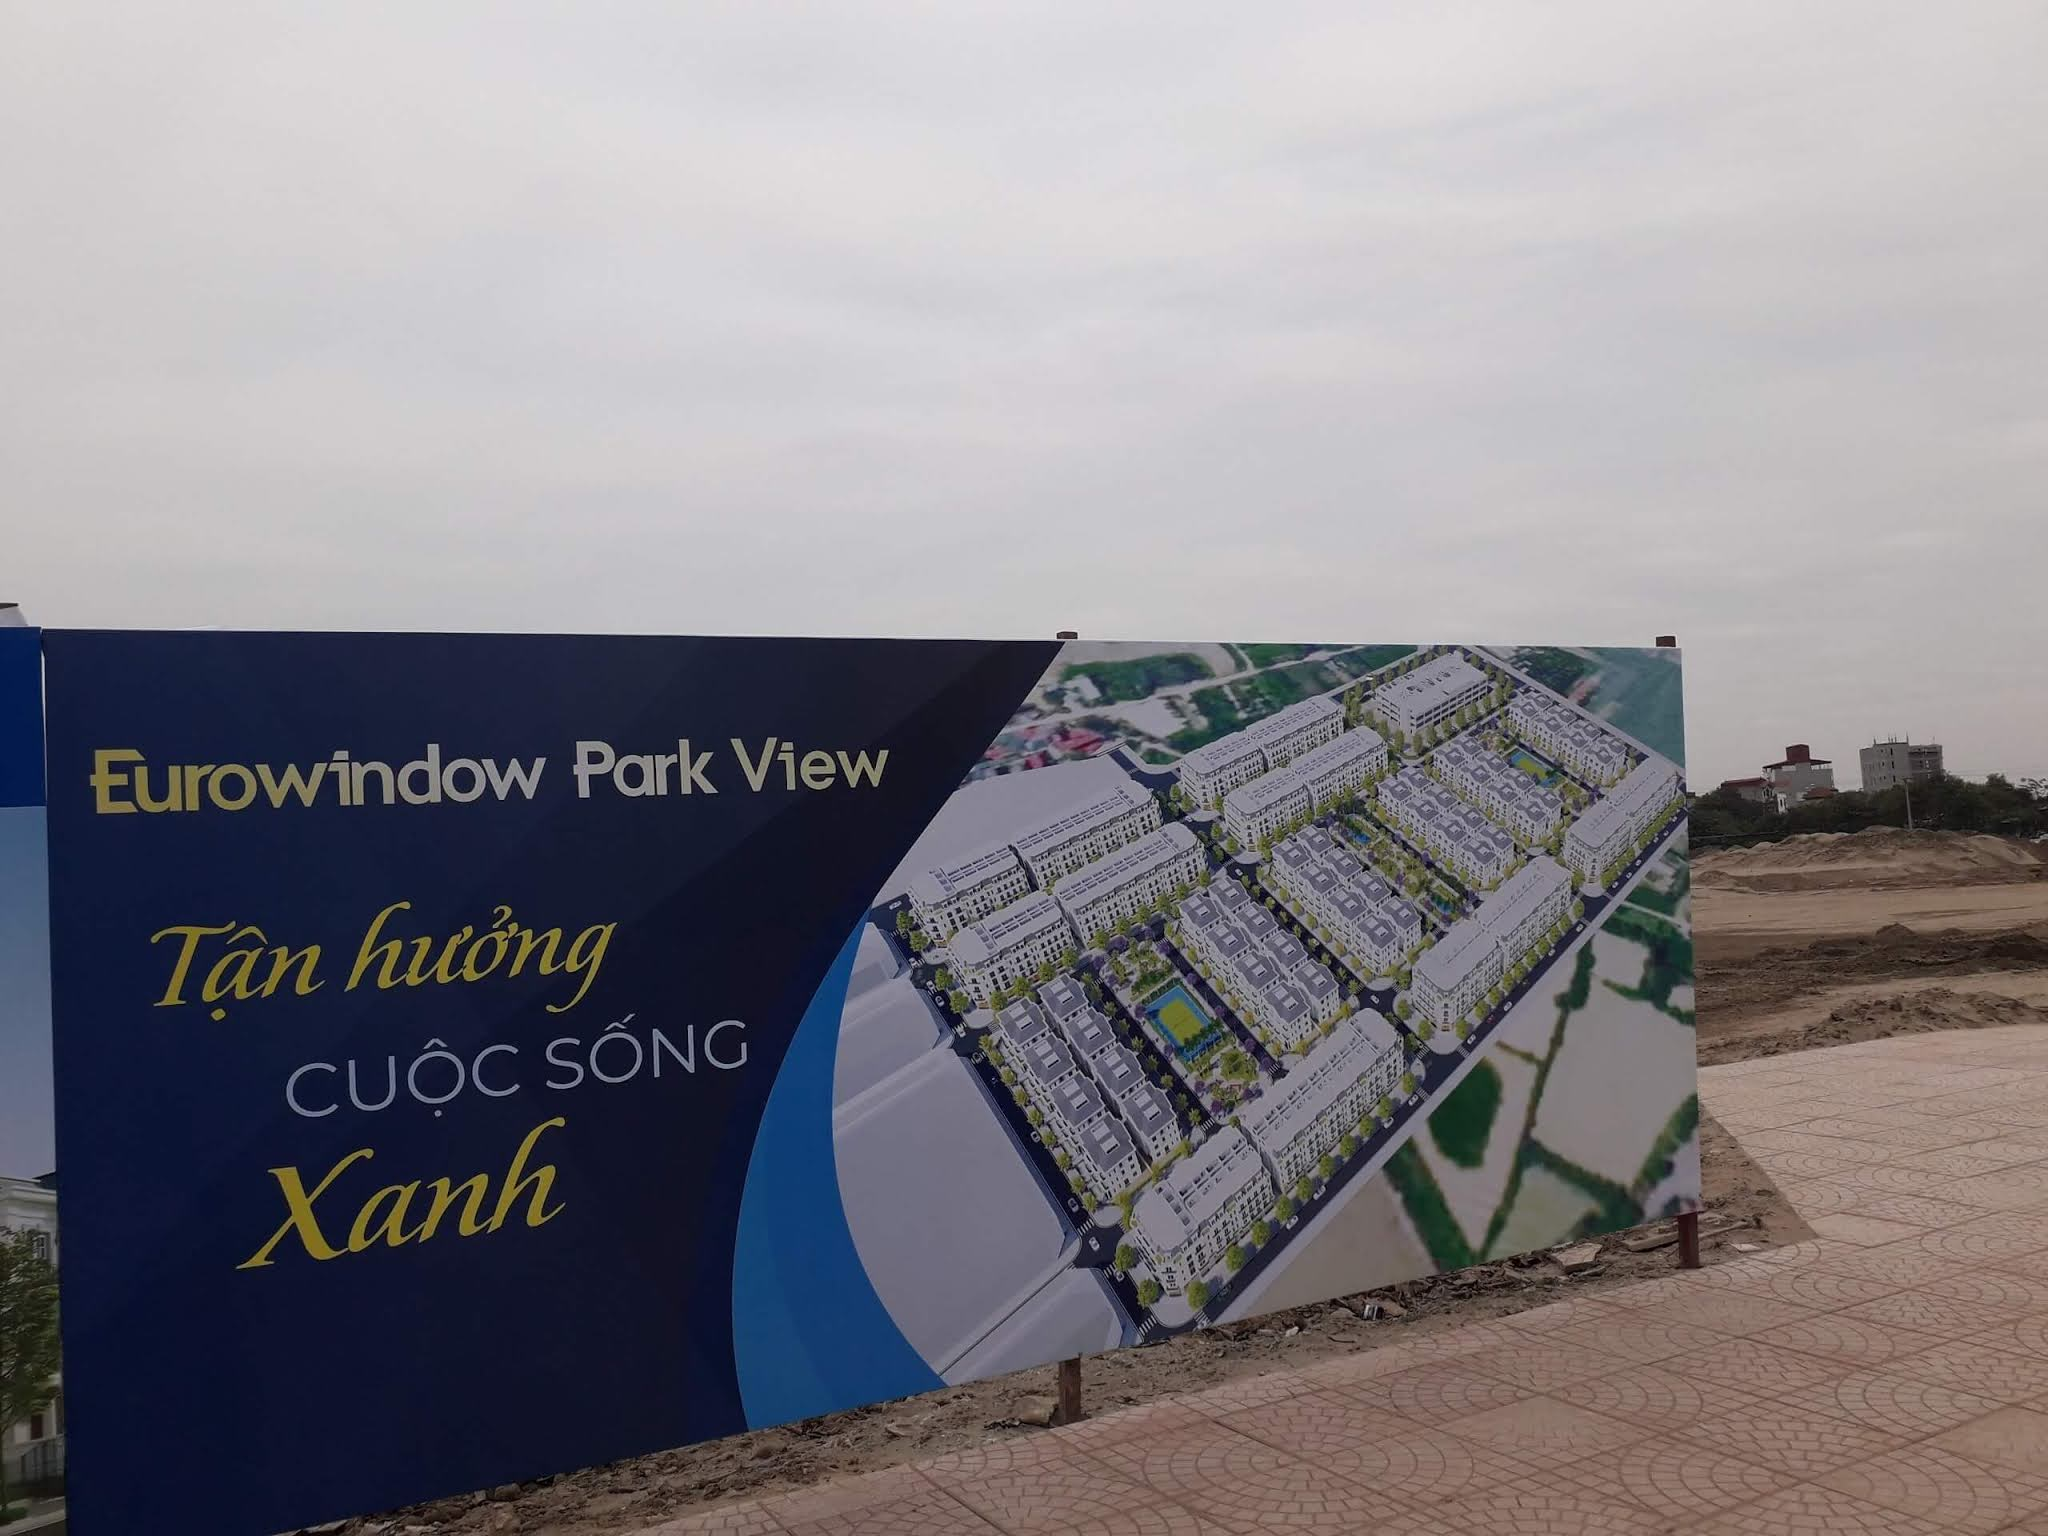 Dự án khu đô thị Eurowindow Park View.